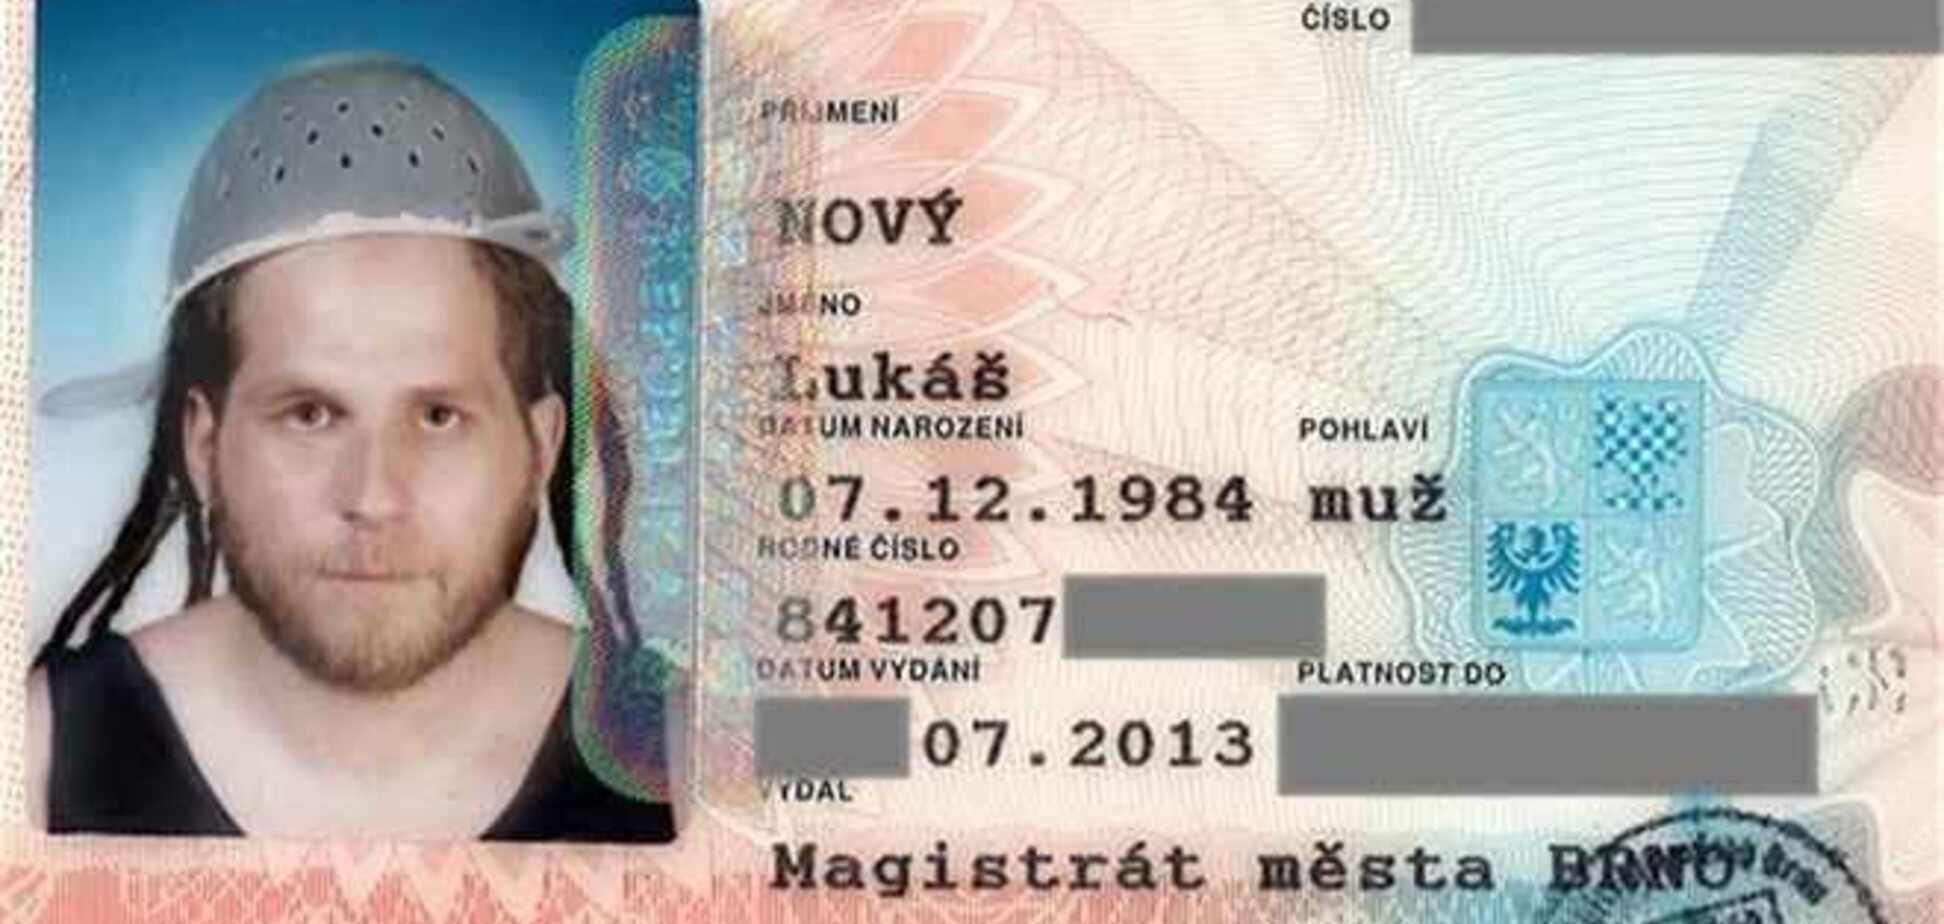 Паспорт чеха аннулировали из-за фото с дуршлагом на голове